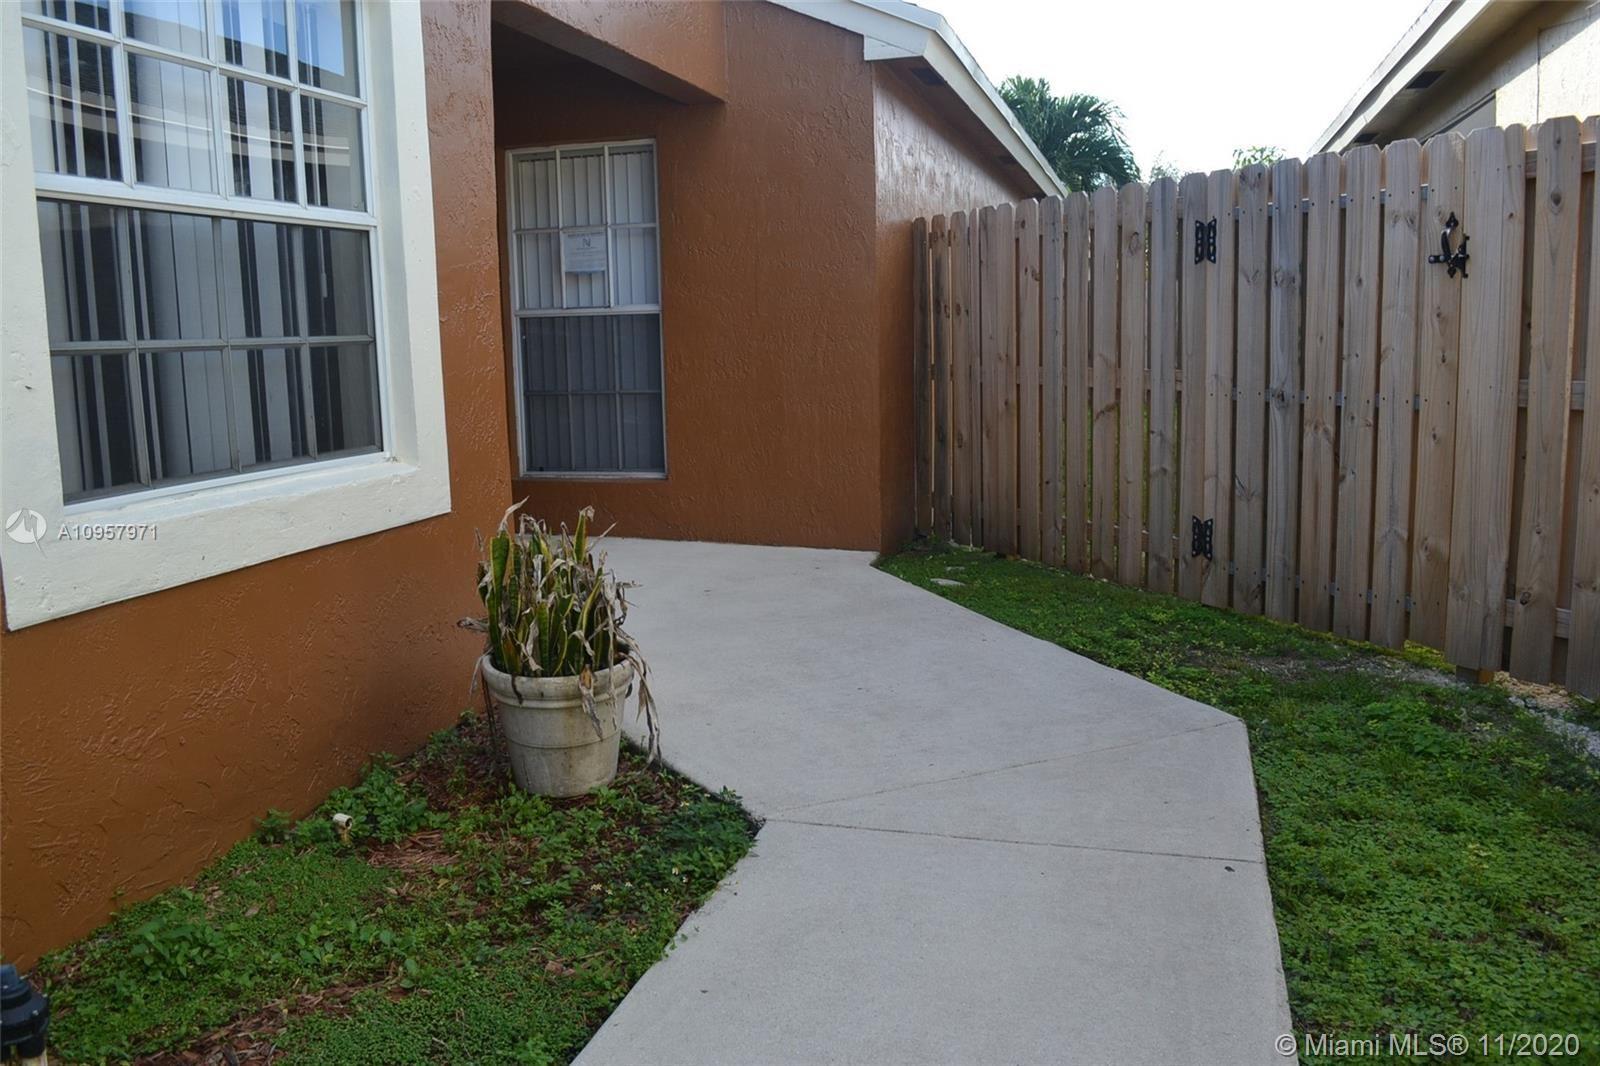 Photo of 227 E Riverbend Dr, Sunrise, FL 33326 (MLS # A10957971)